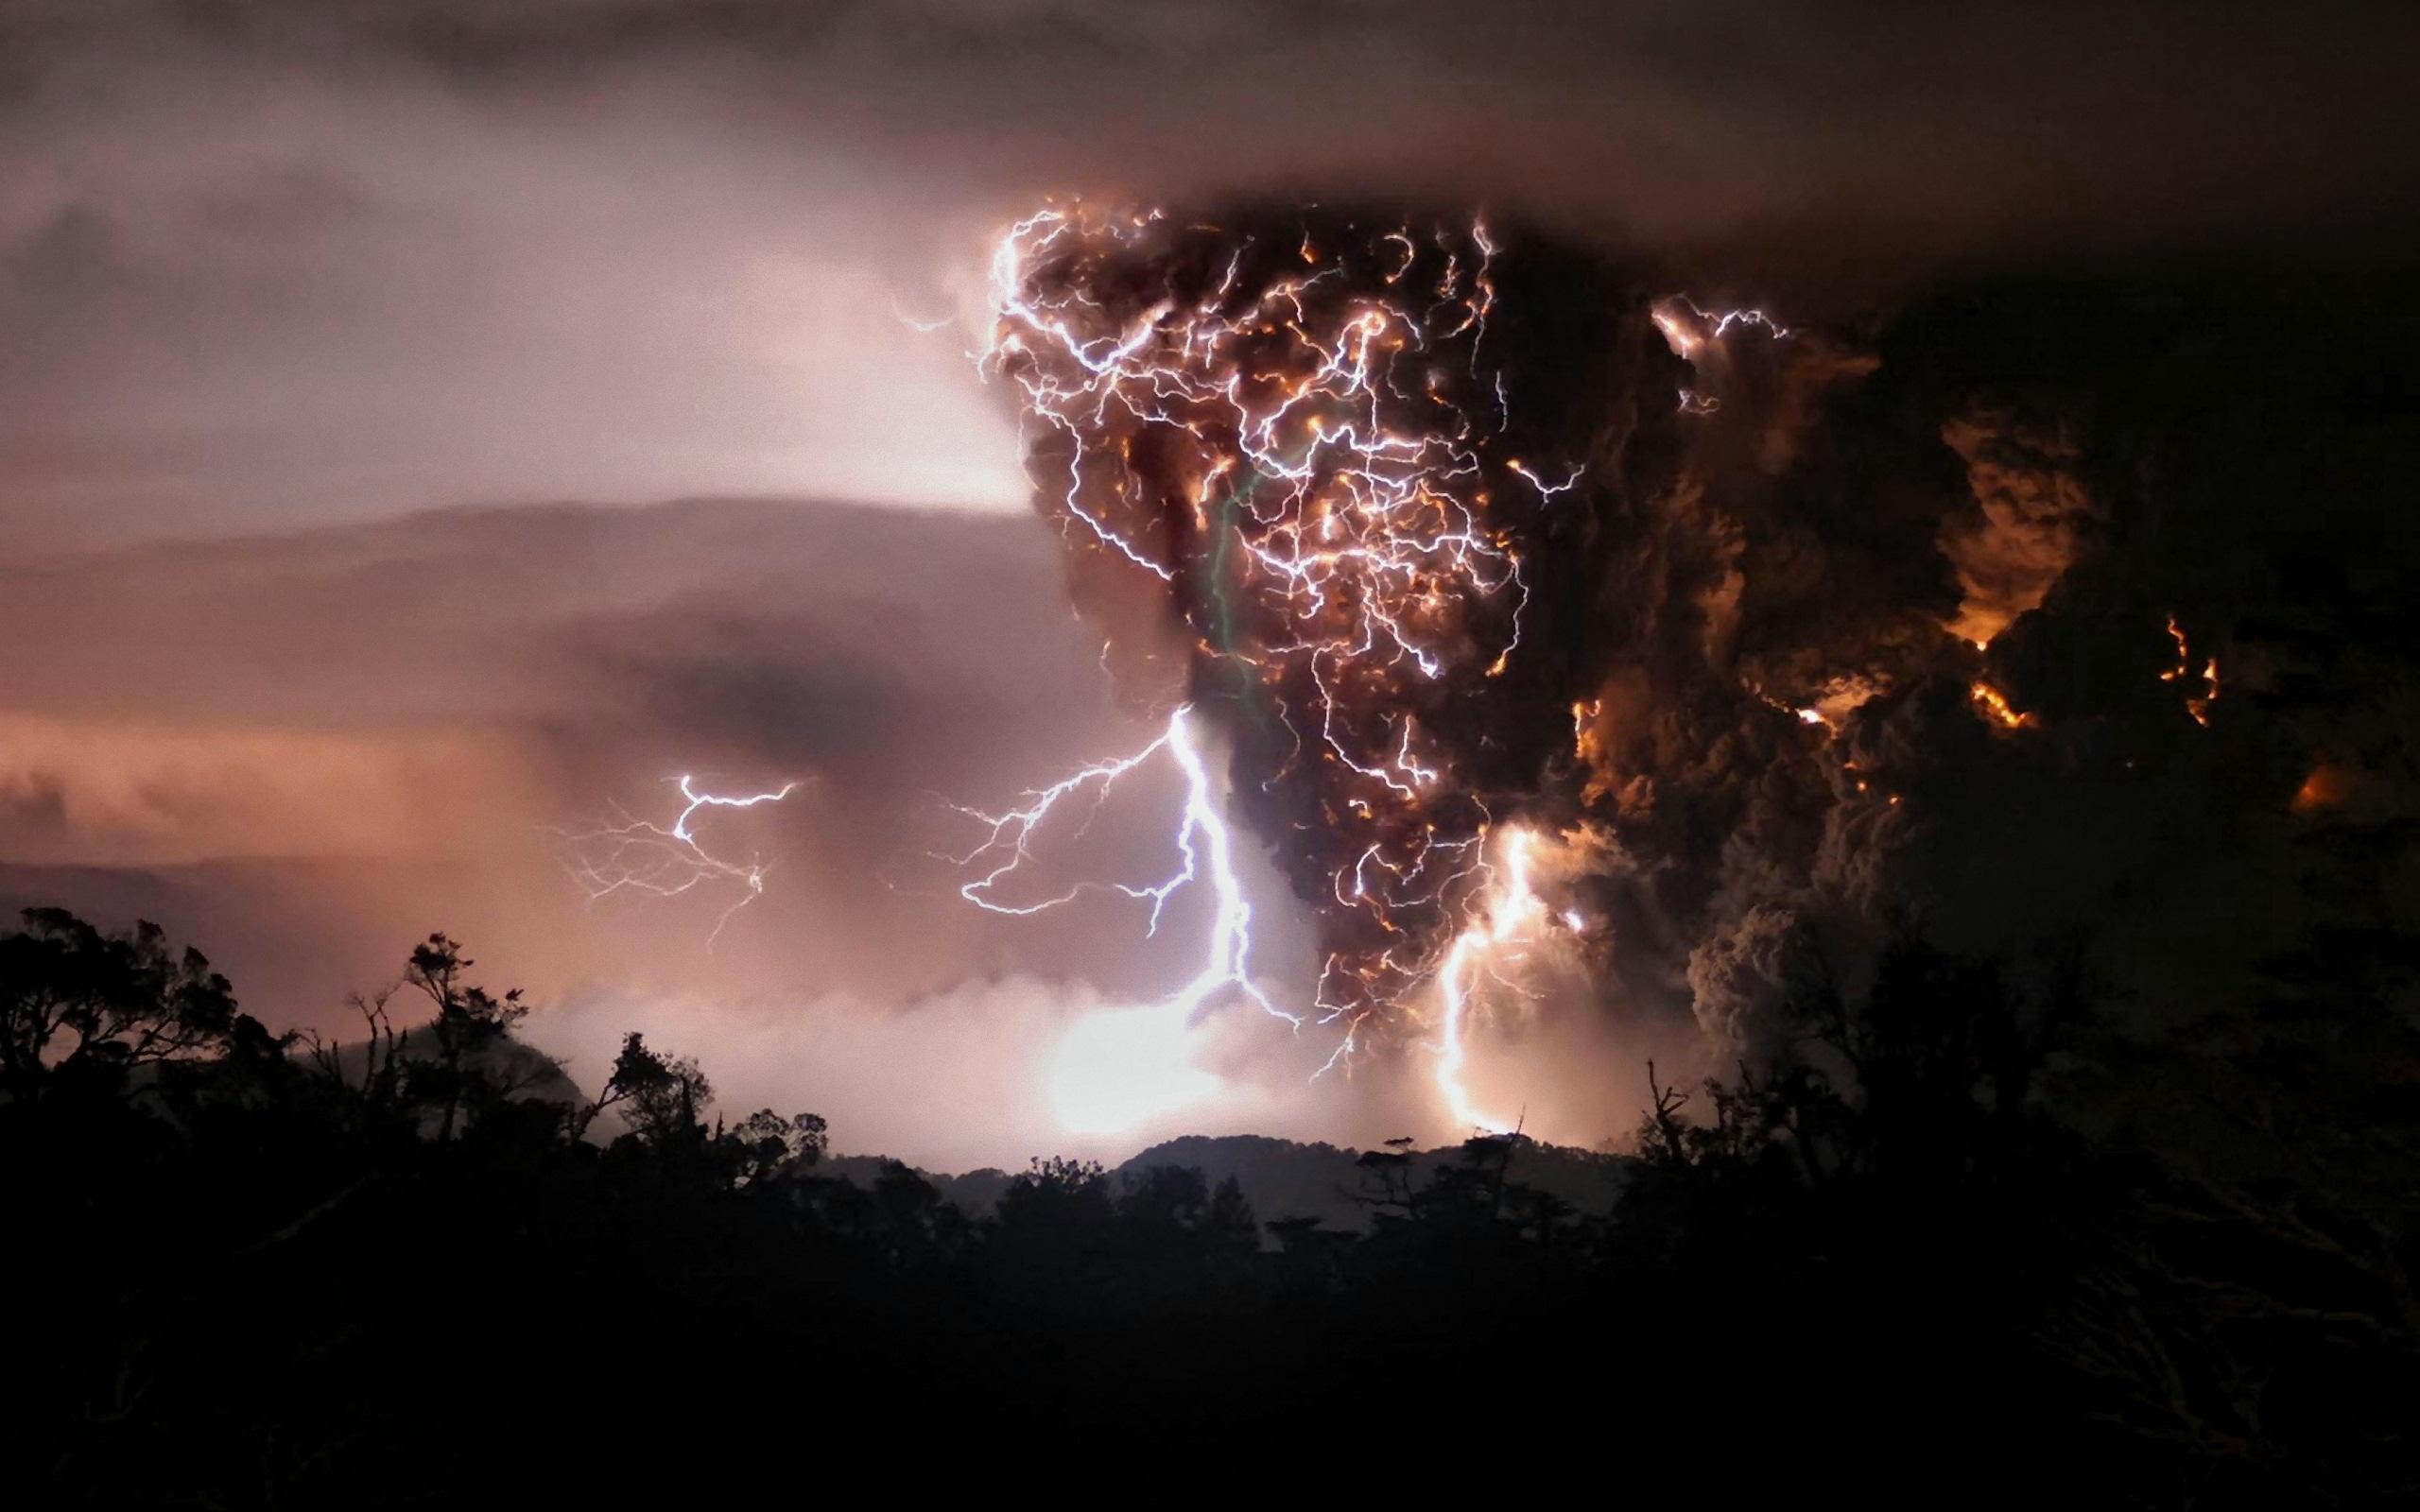 особенностями обладает лик дьявола на вулкане в исландии нельзя